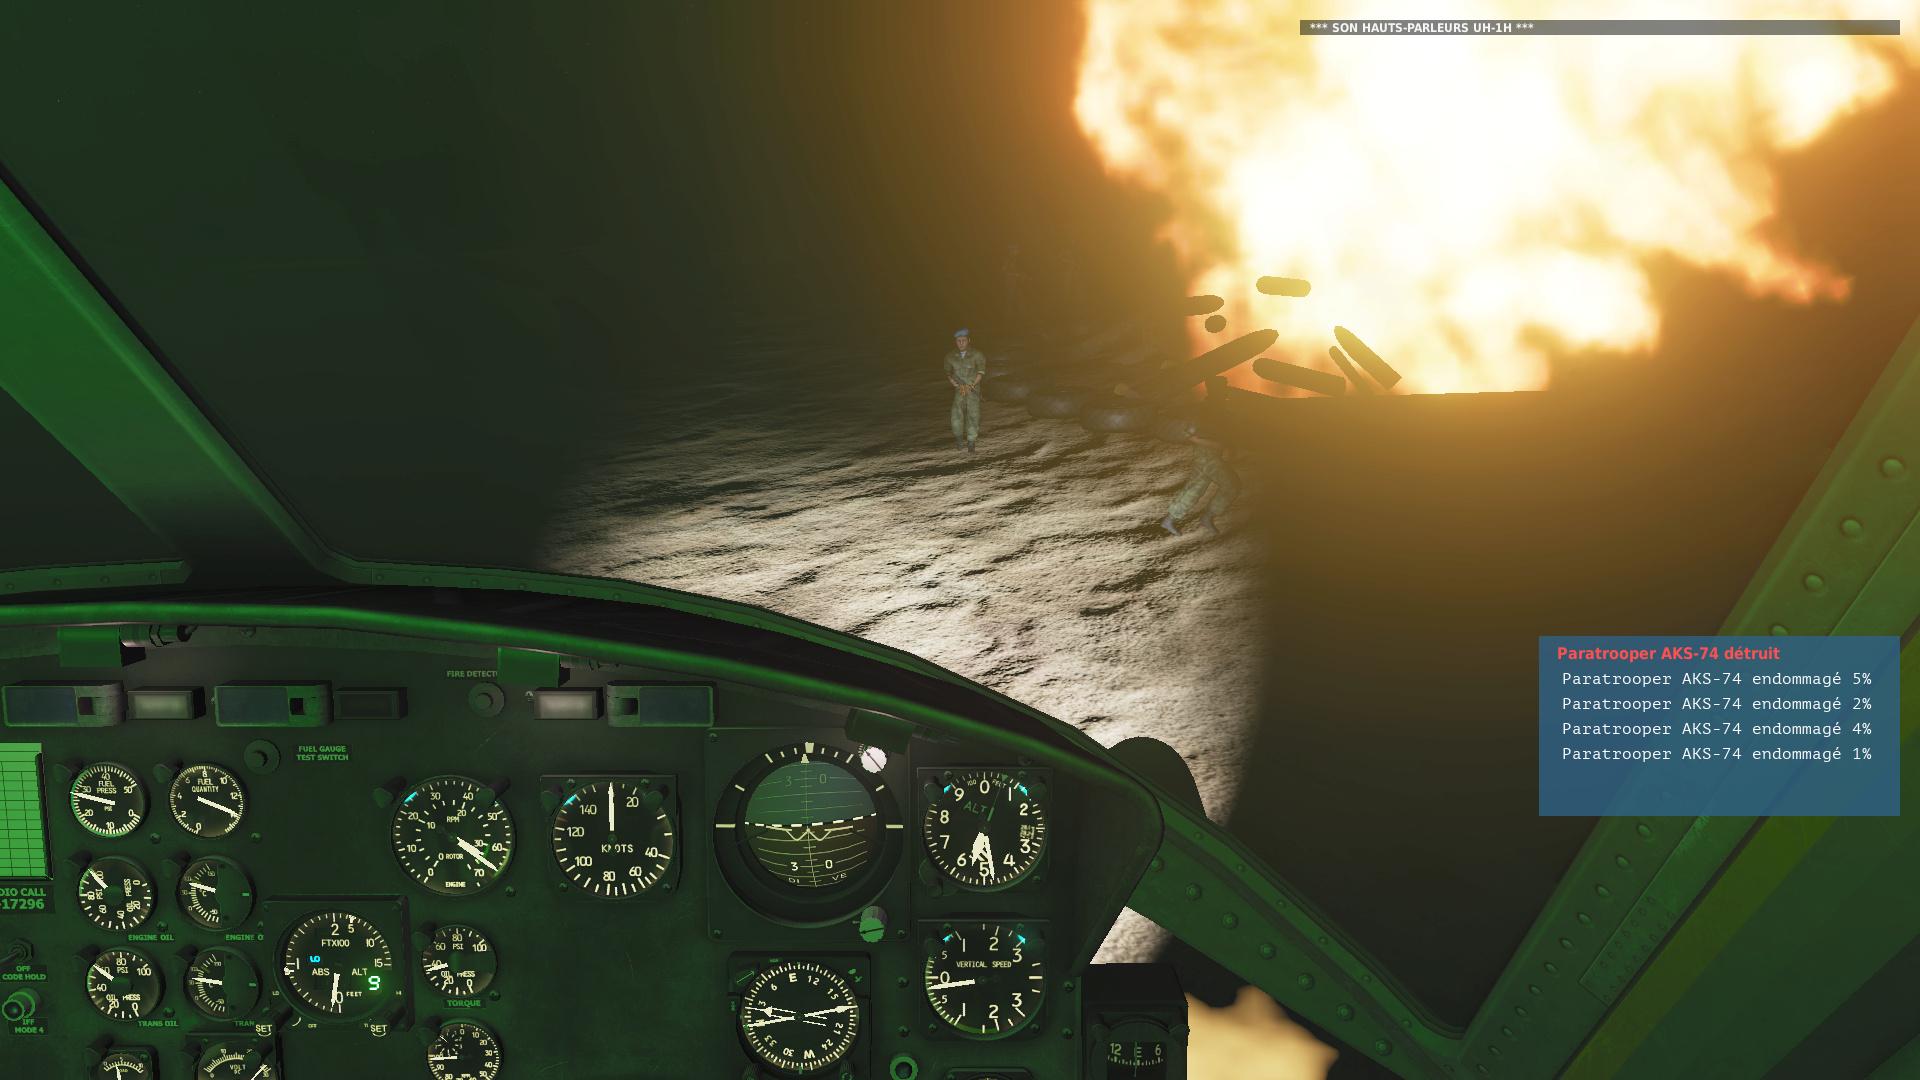 [Cursus UH-1H Huey] Photos de nos missions - Page 2 Screen28